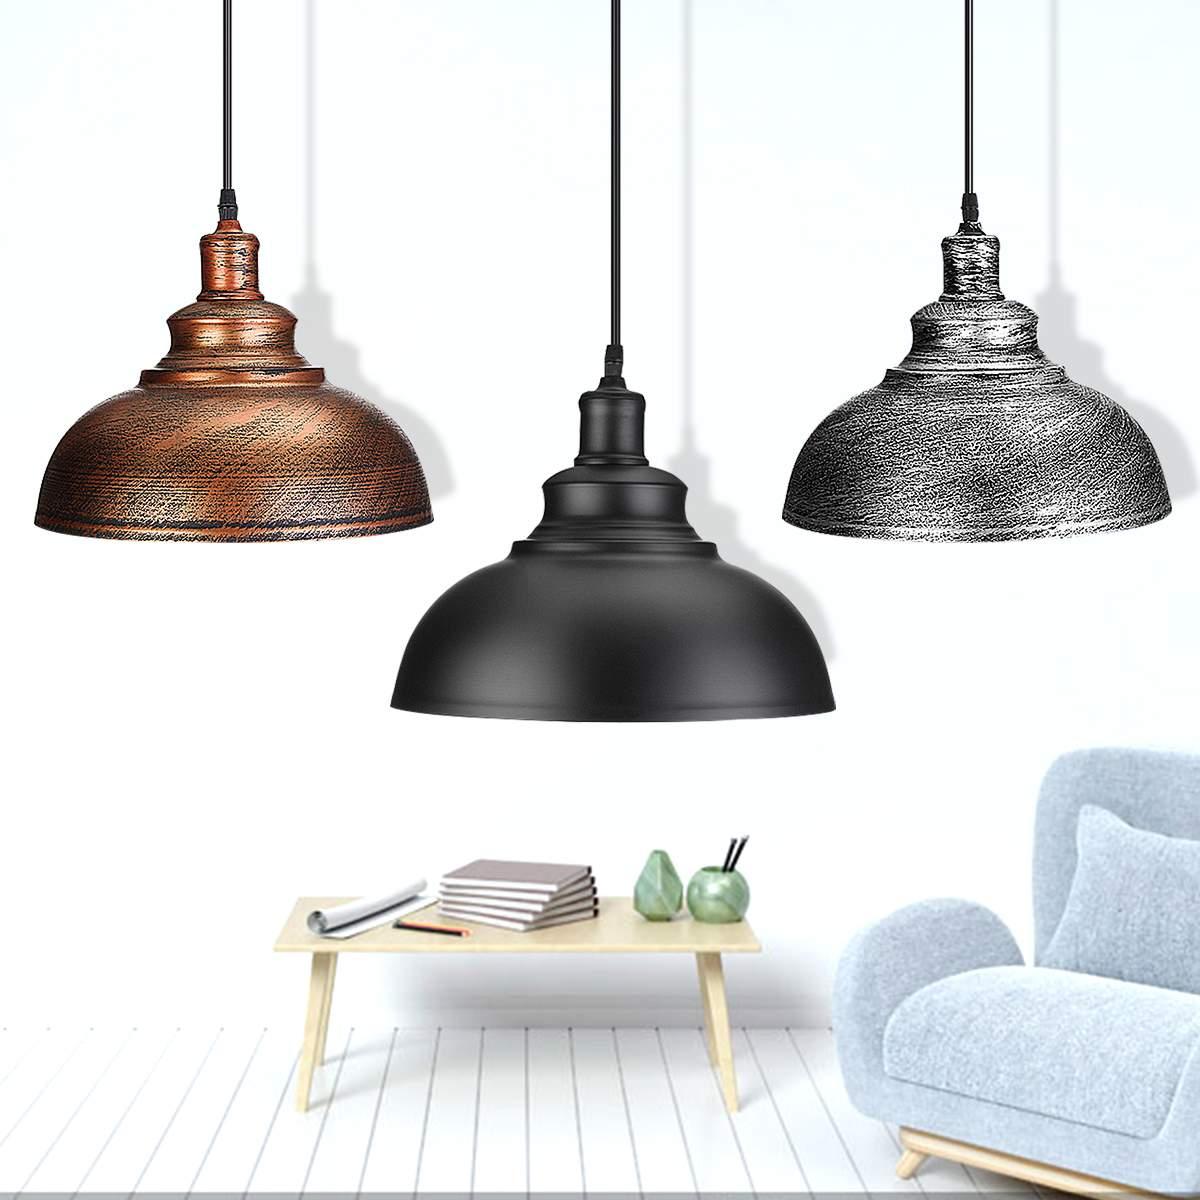 3 estilo moderno pingente luzes penduradas e27 edison lâmpada da noite luminária loft bar sala de estar decoração casa iluminação novidade